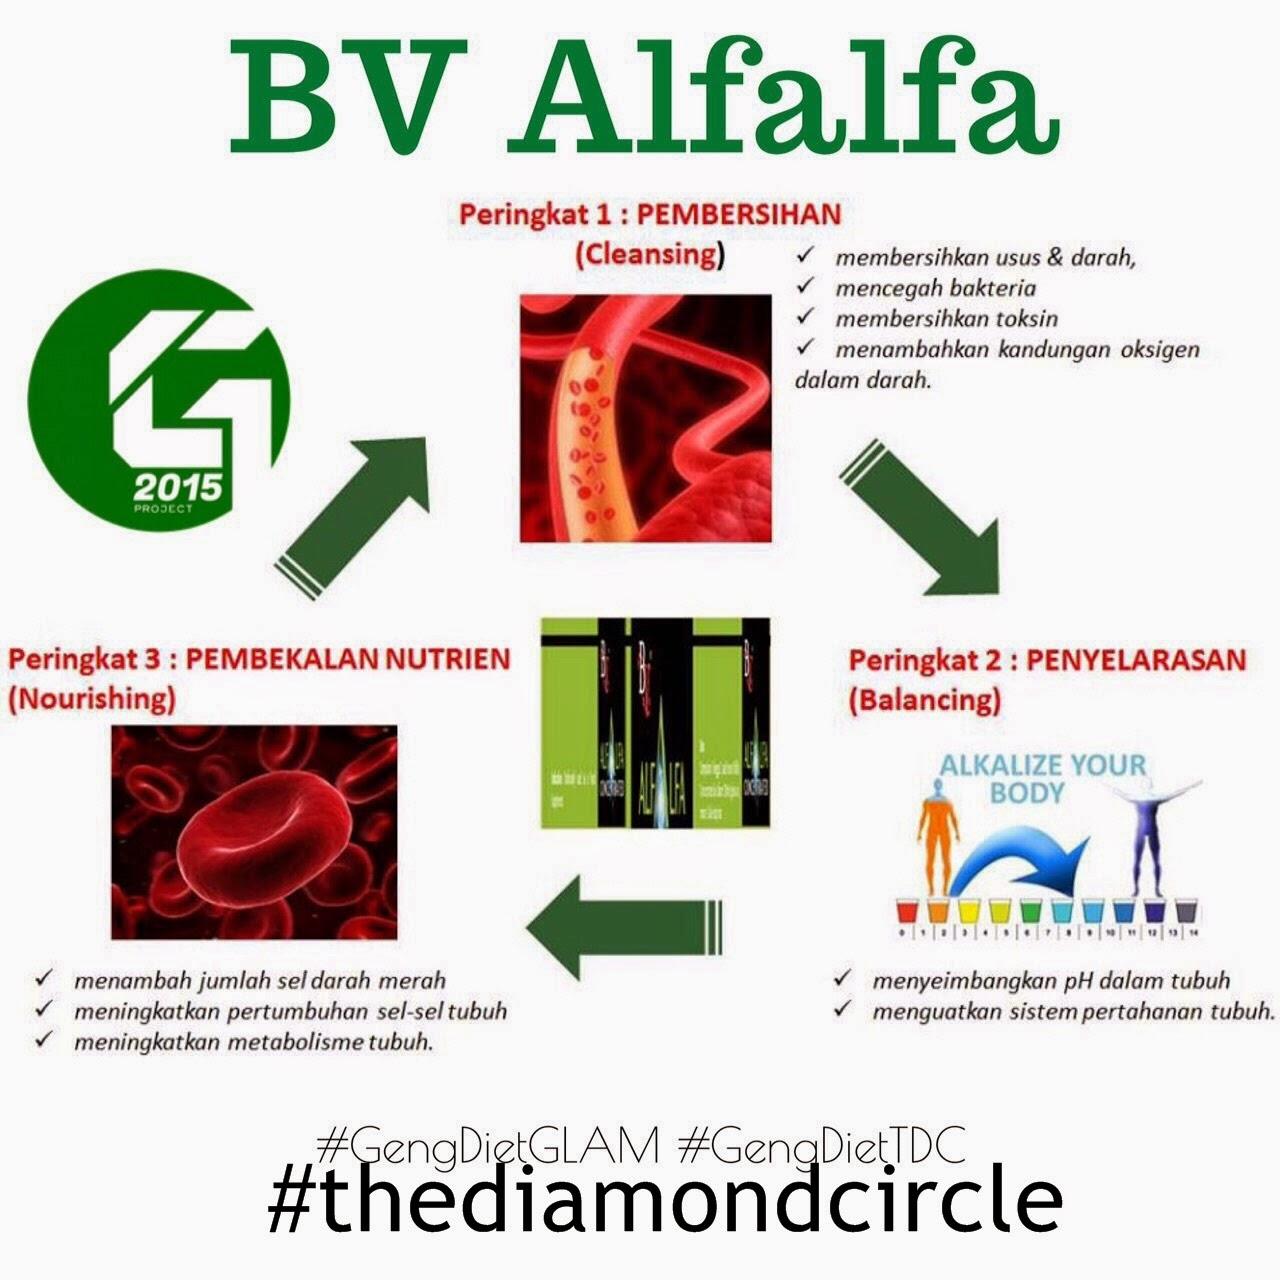 BV Alfalfa